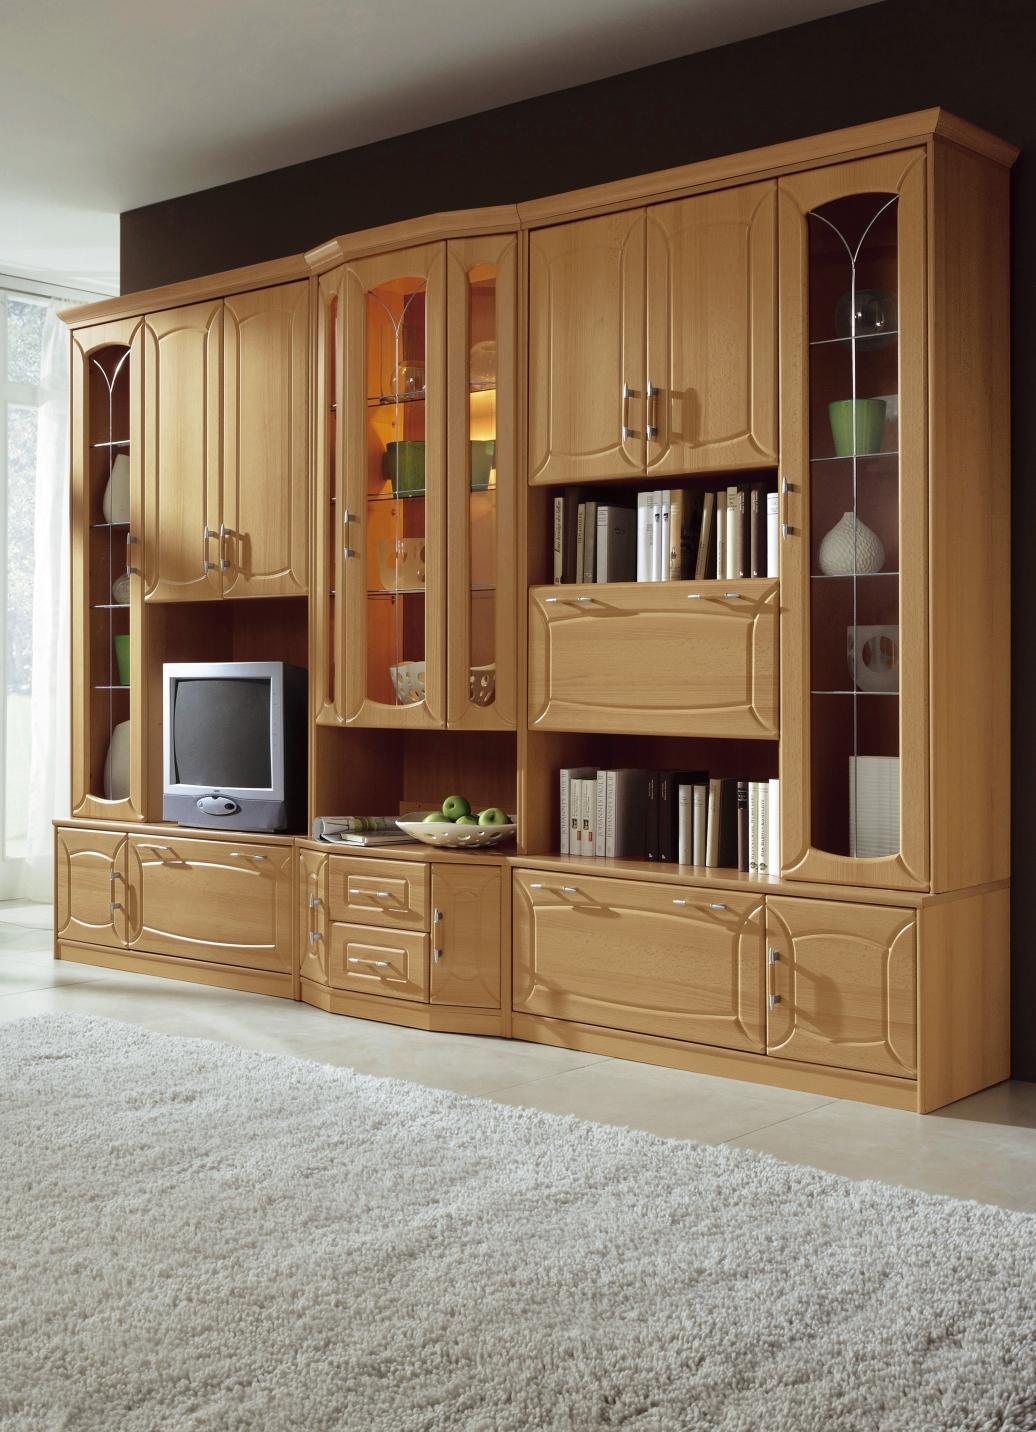 wohnwand wohnzimmer bader. Black Bedroom Furniture Sets. Home Design Ideas